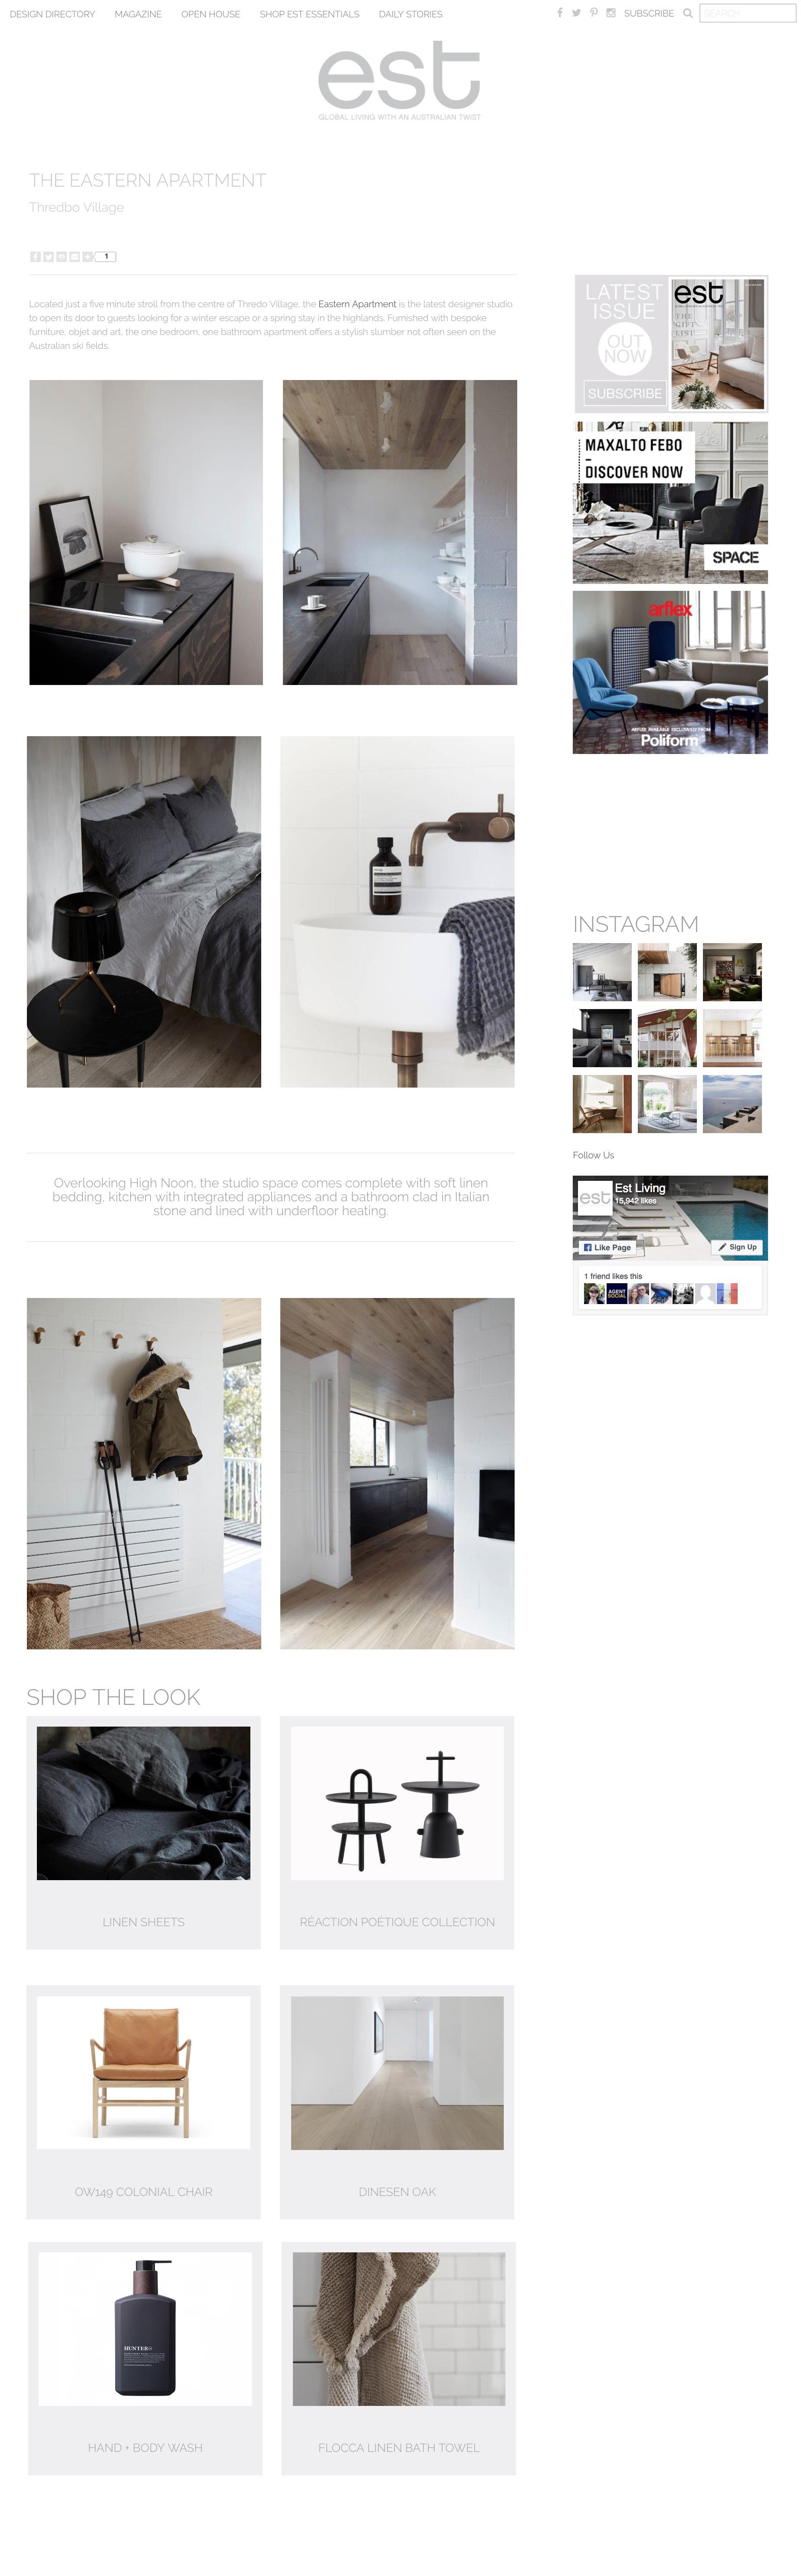 Accommodation_The_Eastern_Thredbo_Village_Est_Magazine